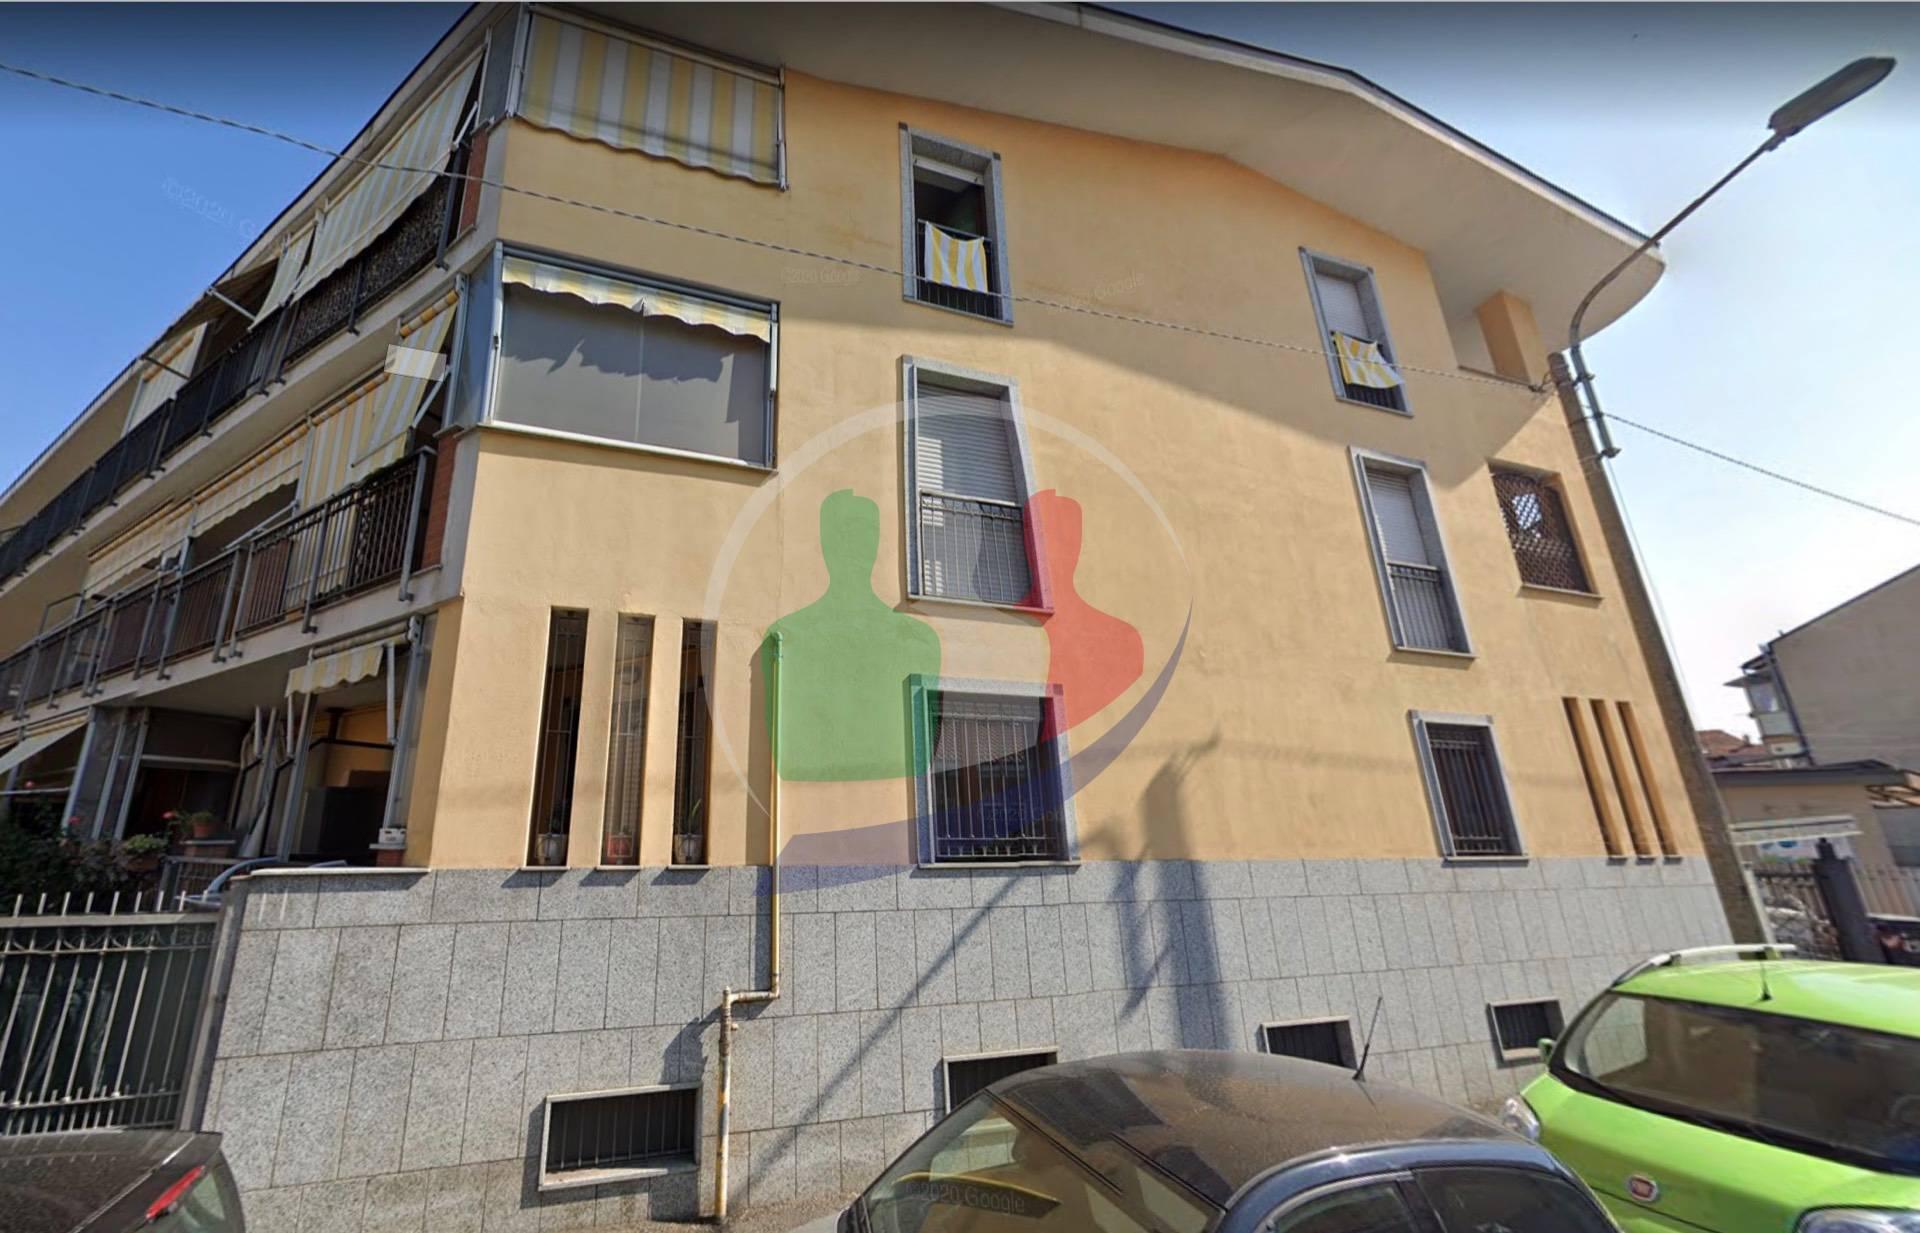 Magazzino in vendita a Collegno, 1 locali, prezzo € 21.000 | PortaleAgenzieImmobiliari.it